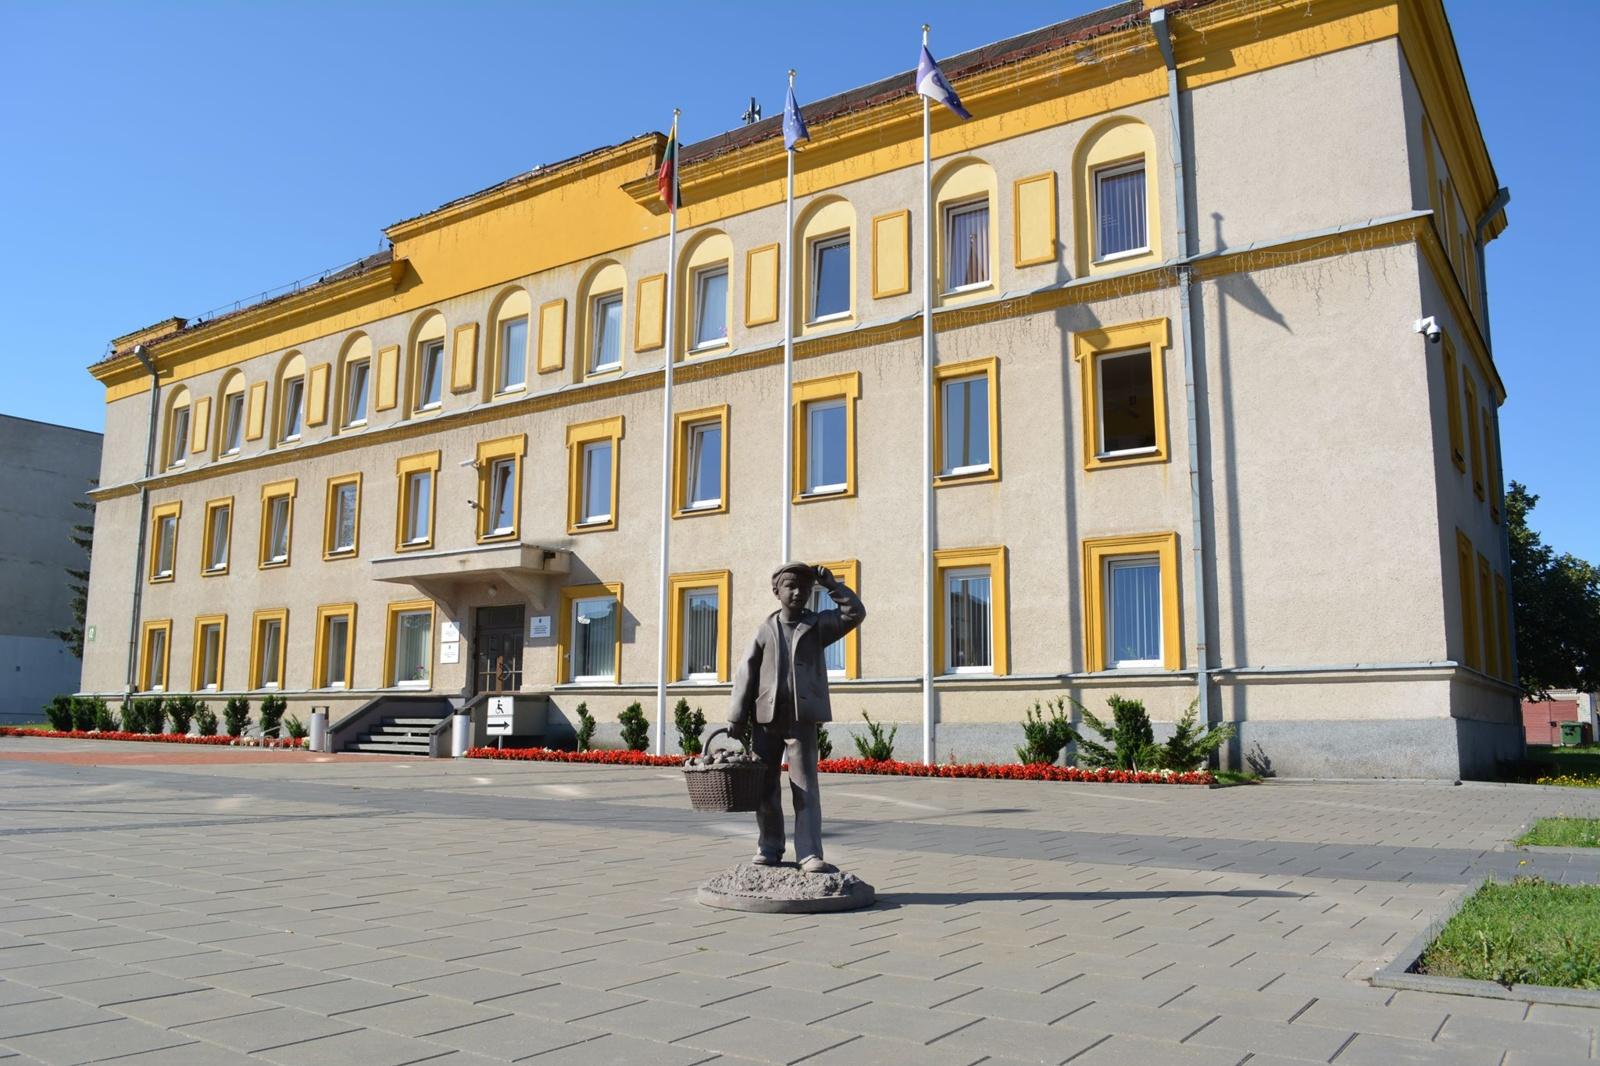 Varėniškiai kviečiami į parengto Varėnos rajono savivaldybės piliečių chartijos projekto pristatymą